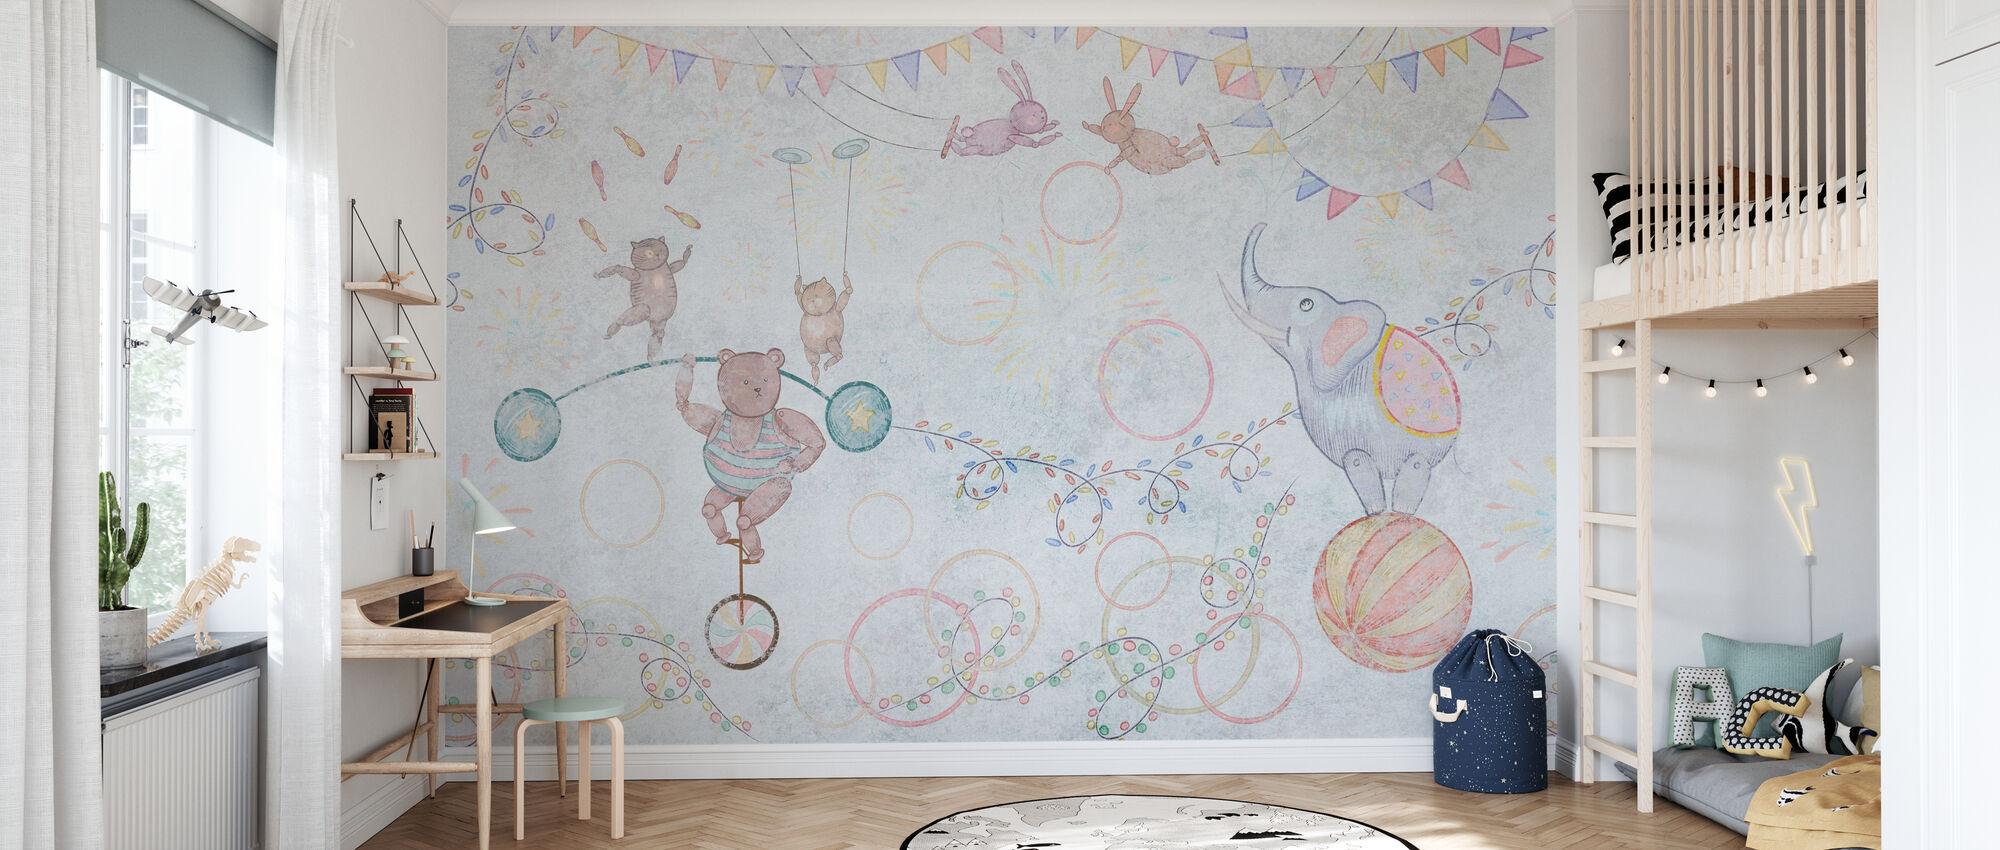 Tervetuloa sirkukseen - Tapetti - Lastenhuone